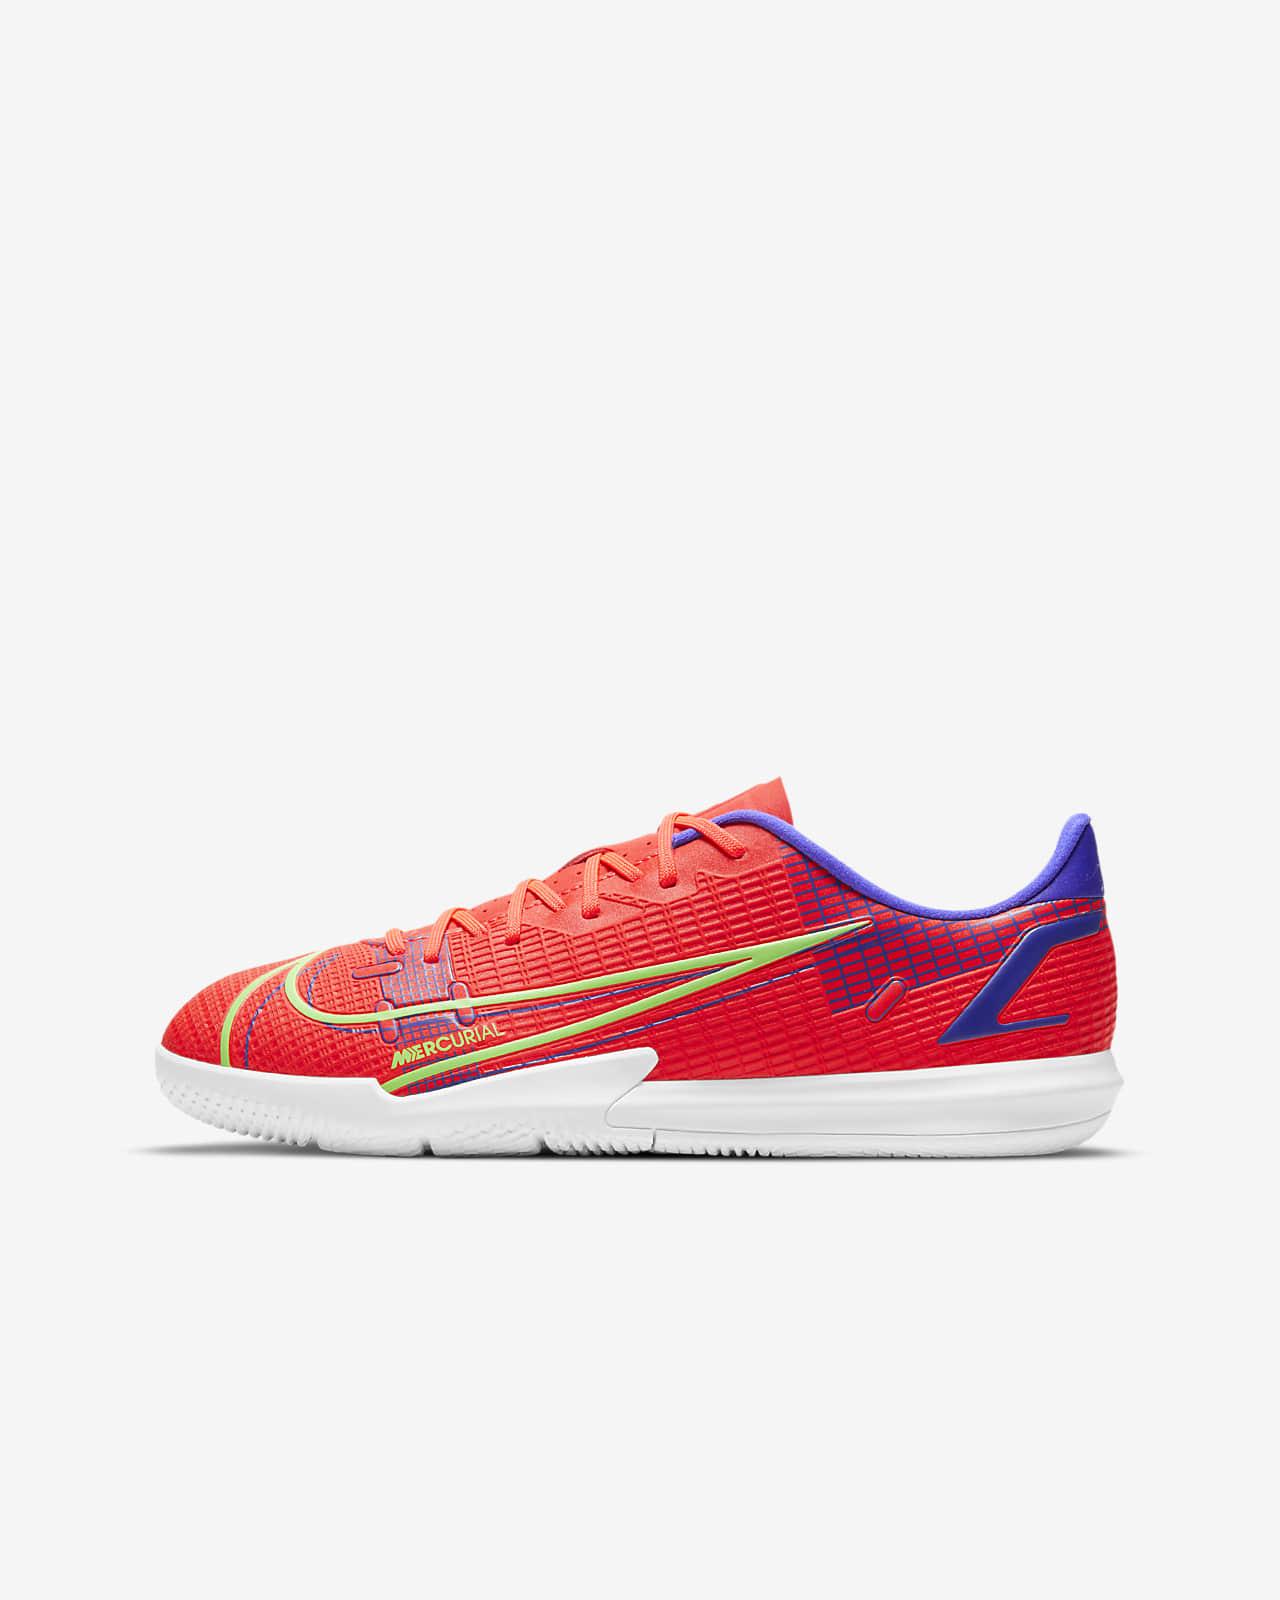 Chaussure de football en salle Nike Jr. Mercurial Vapor 14 Academy IC pour Jeune enfant/Enfant plus âgé